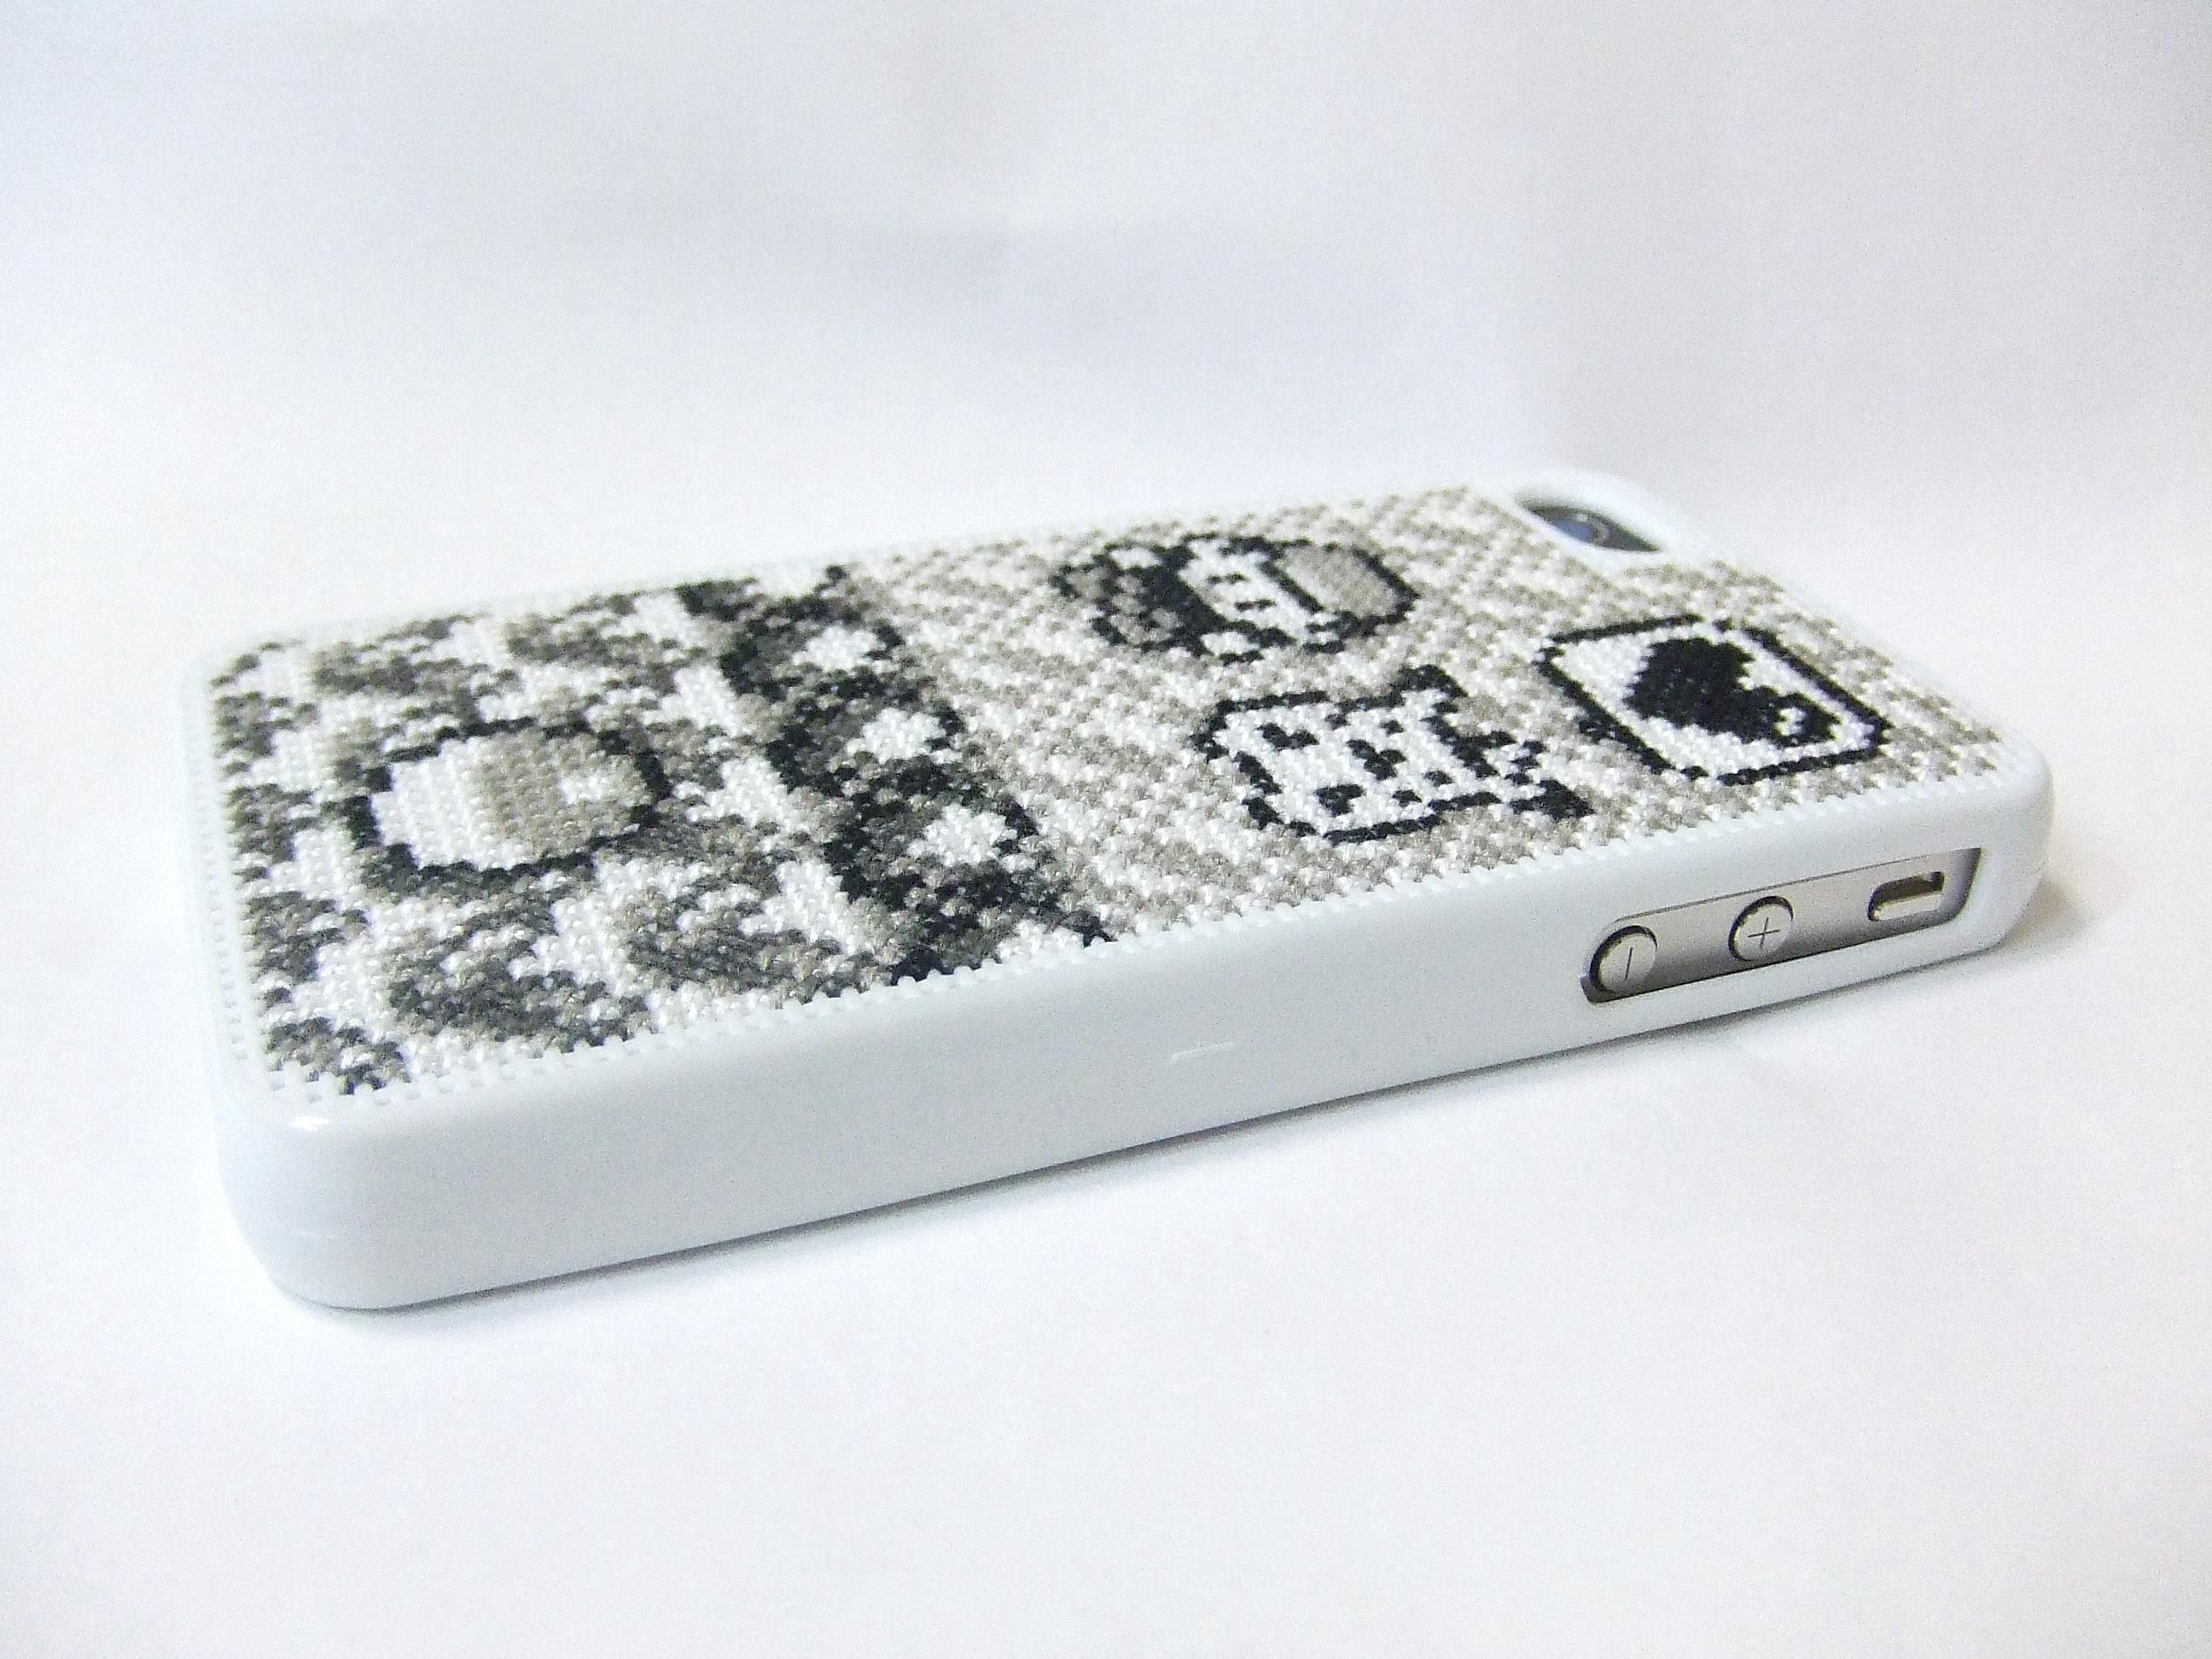 ポケモンクロスステッチオリジナルiPhoneケース